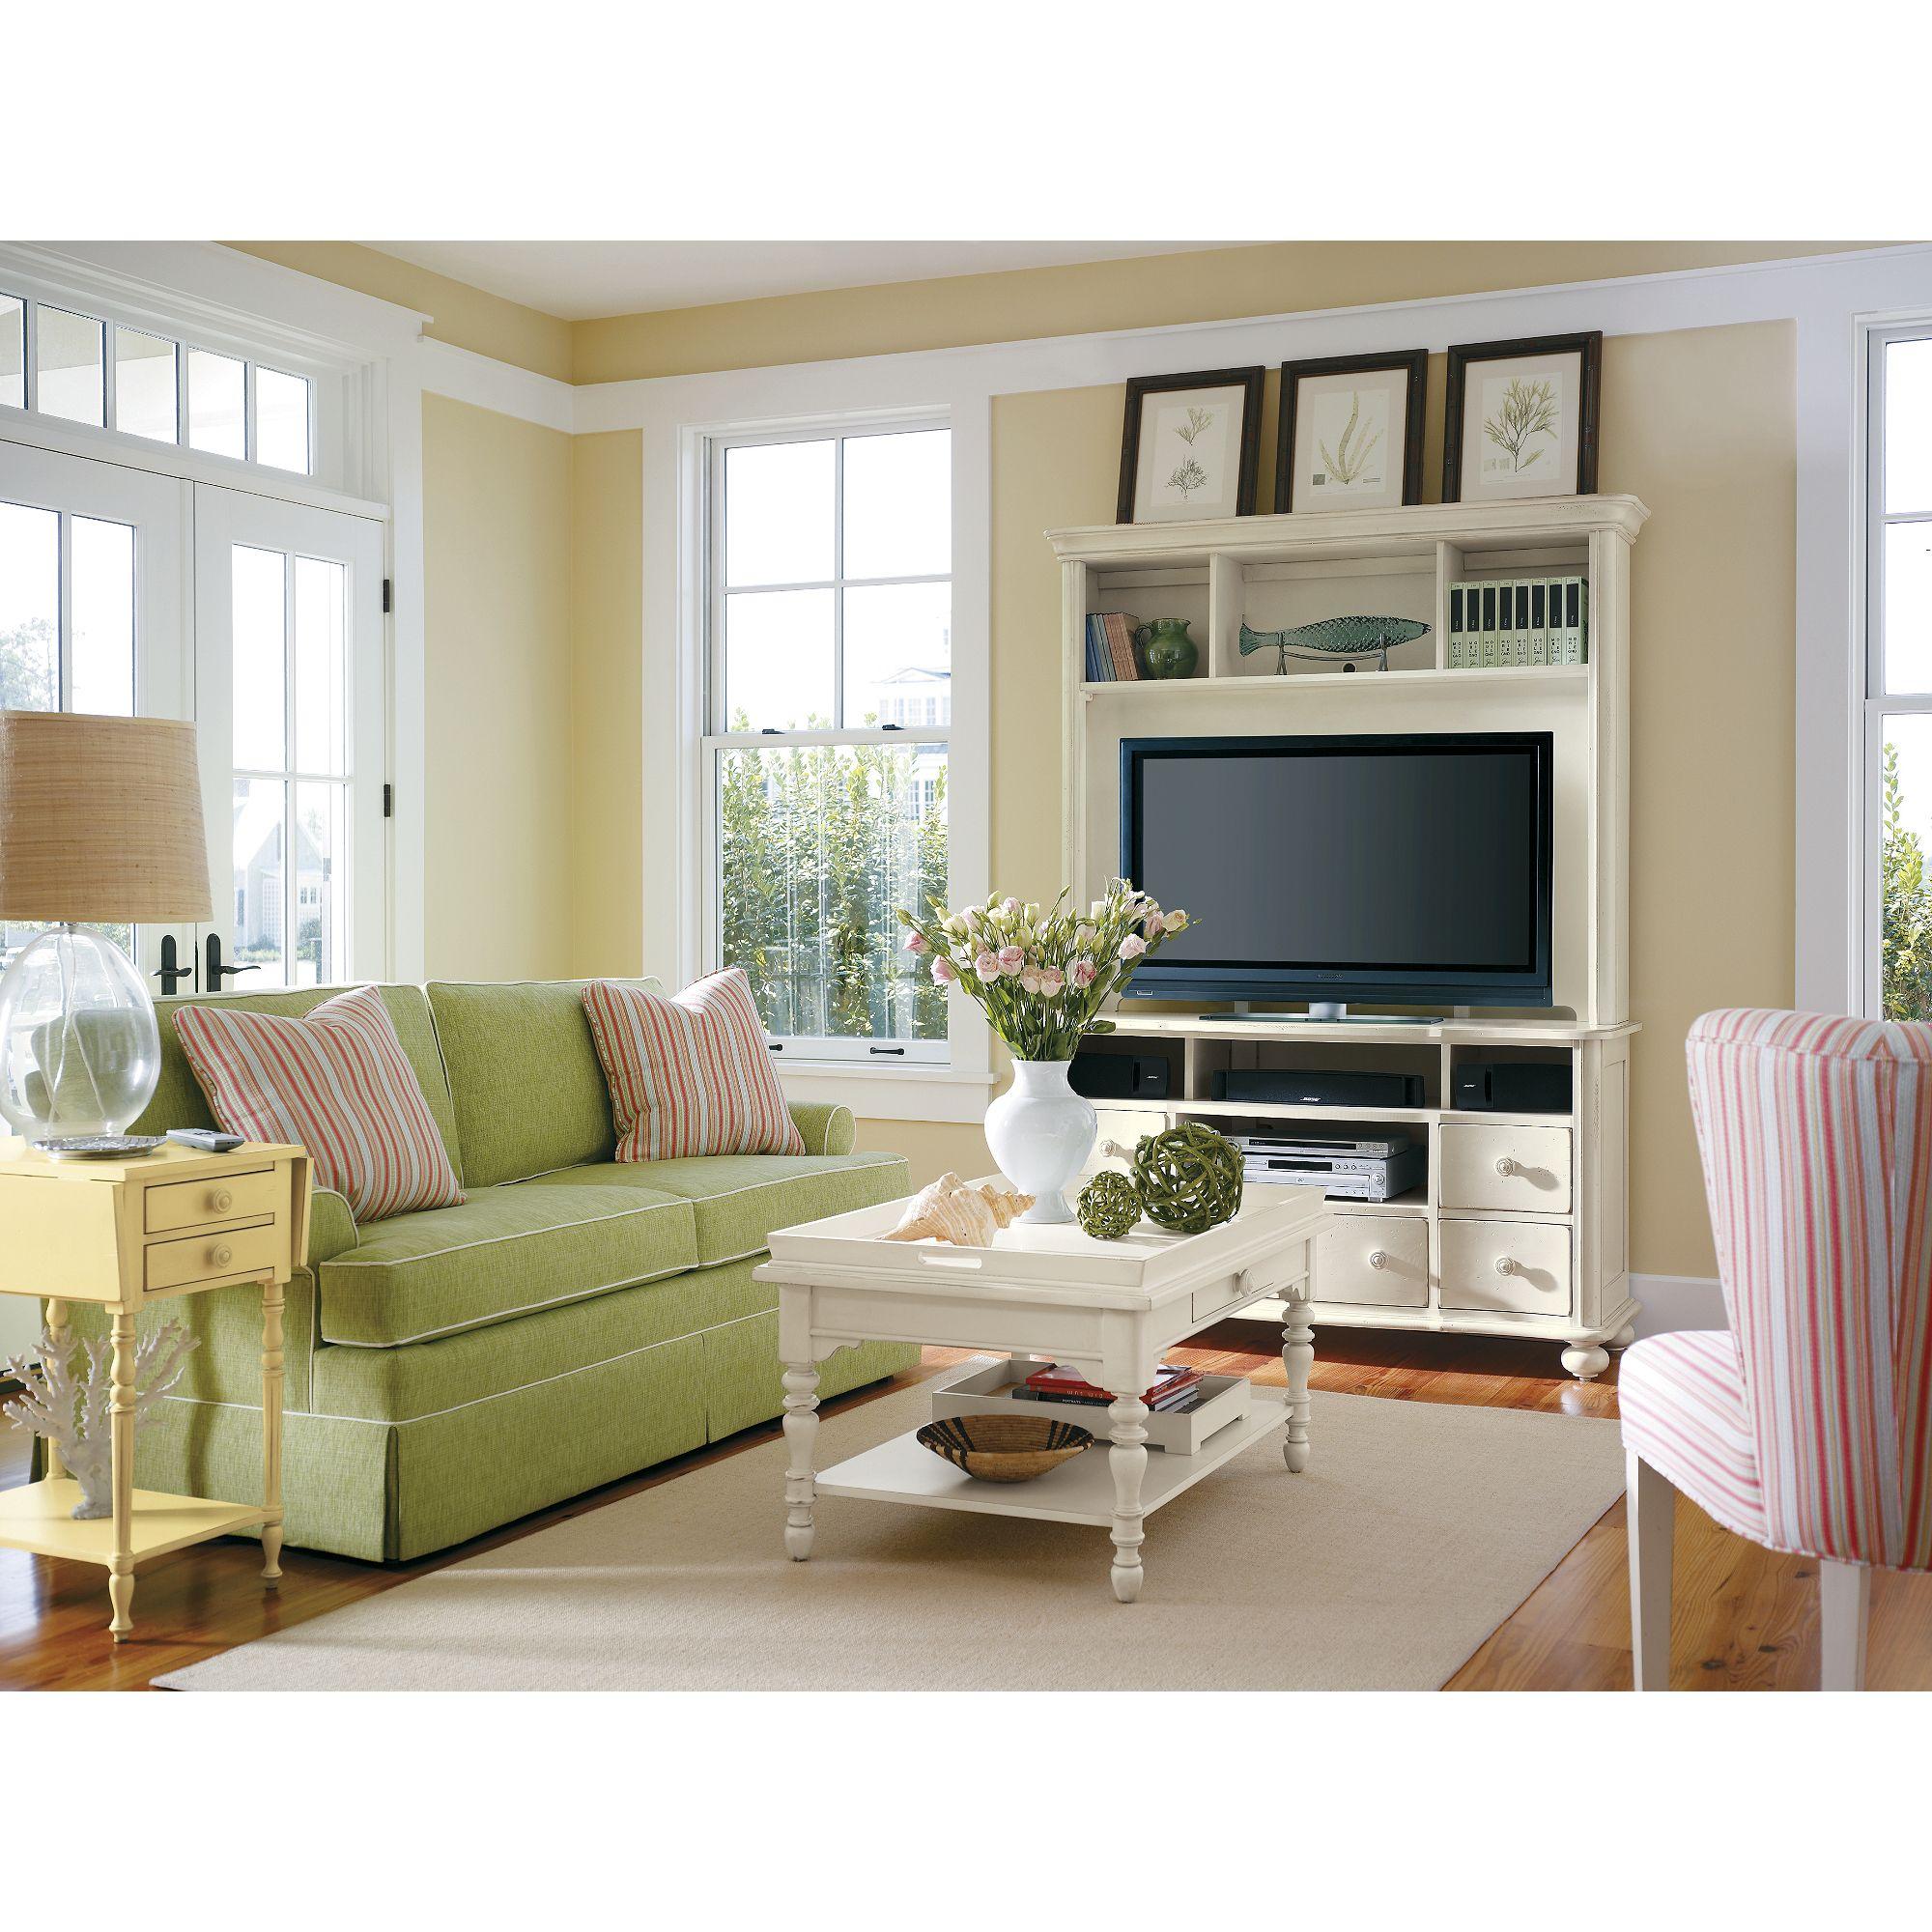 Pin By K Finke On Coastal Living Furniture